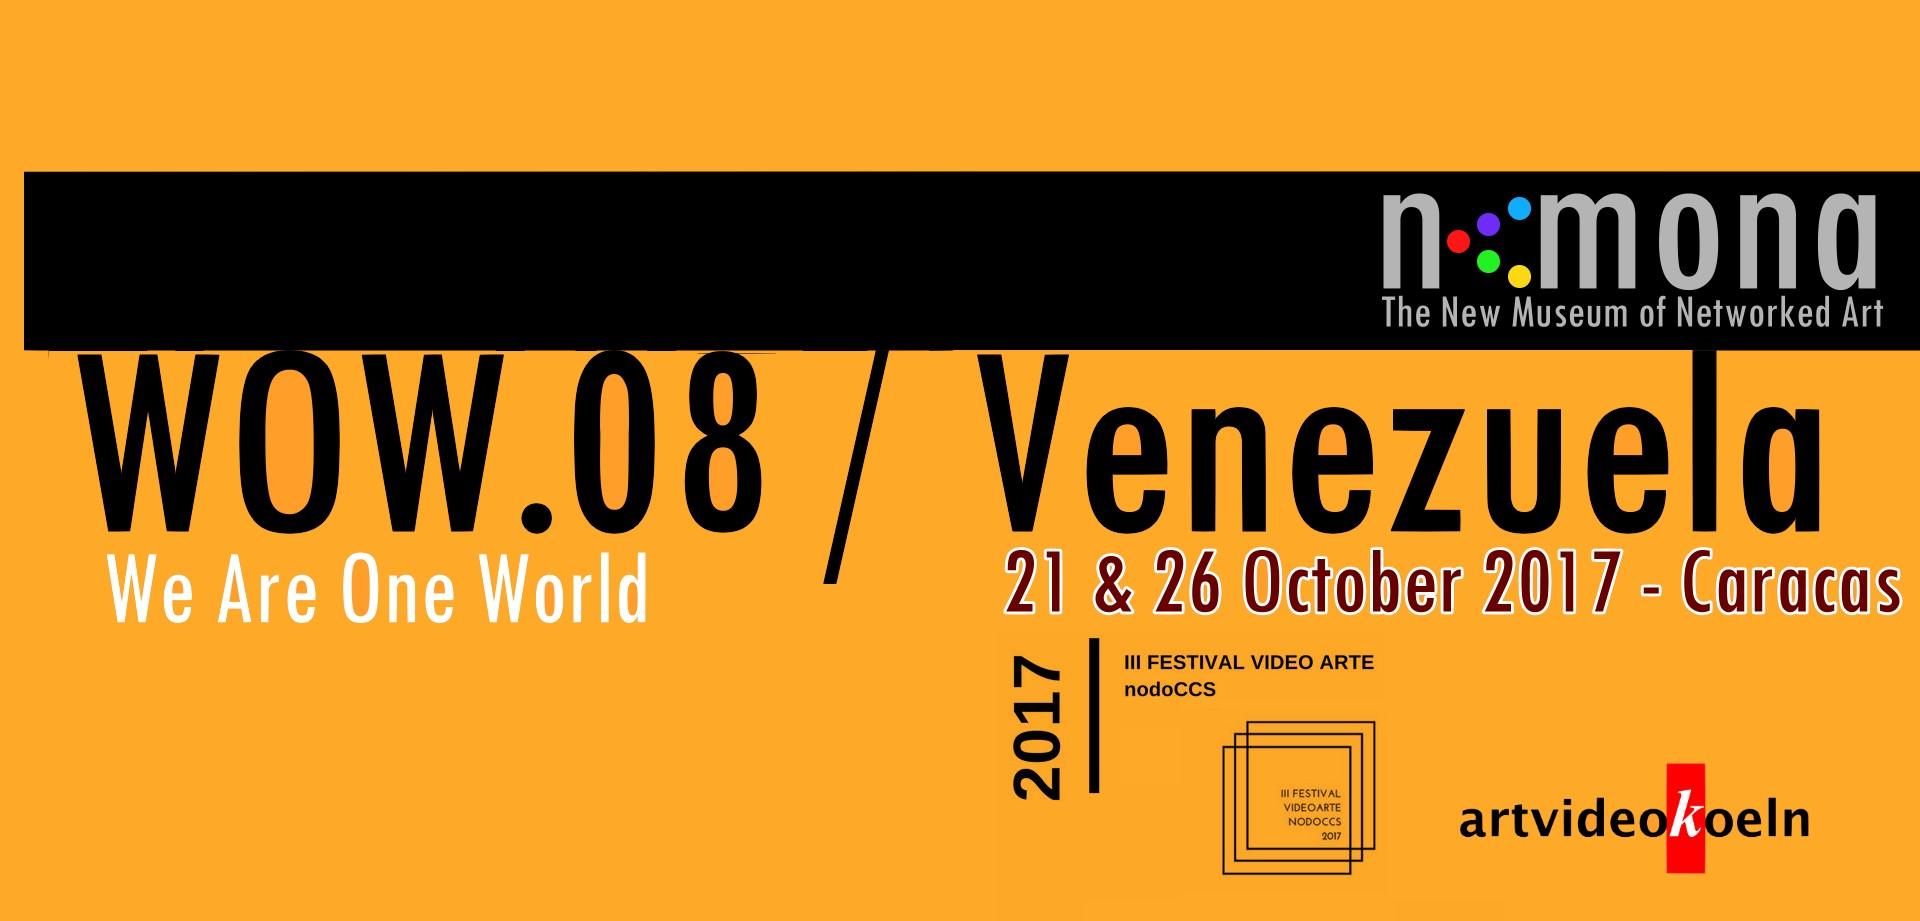 WOW.08 / Venezuela